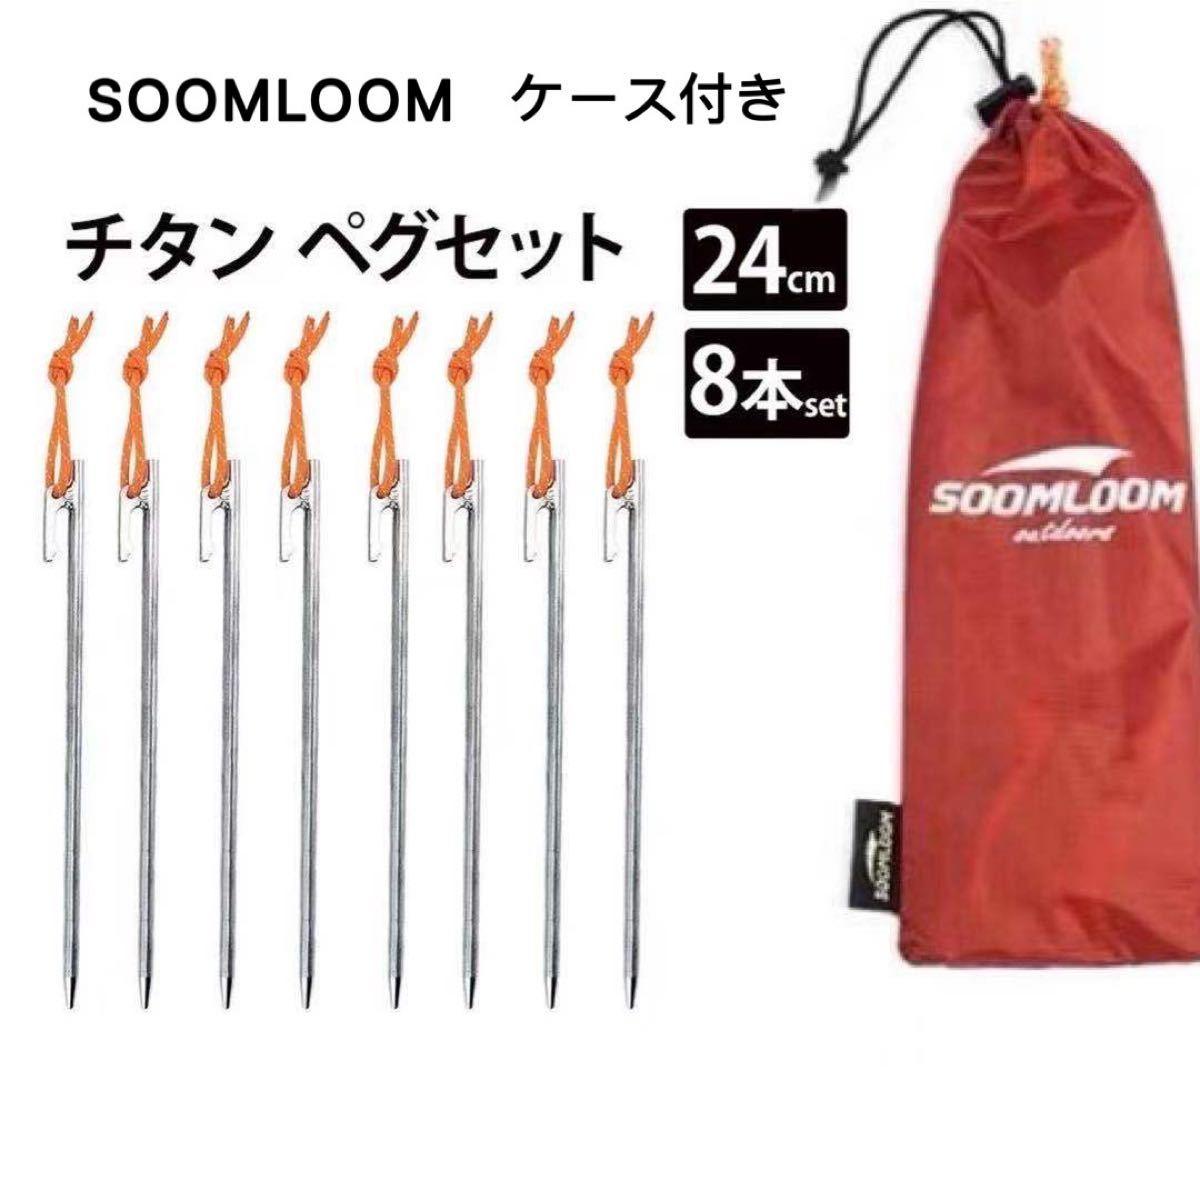 soomloom チタンペグ キャンプ設営用具 24CM /8本セット